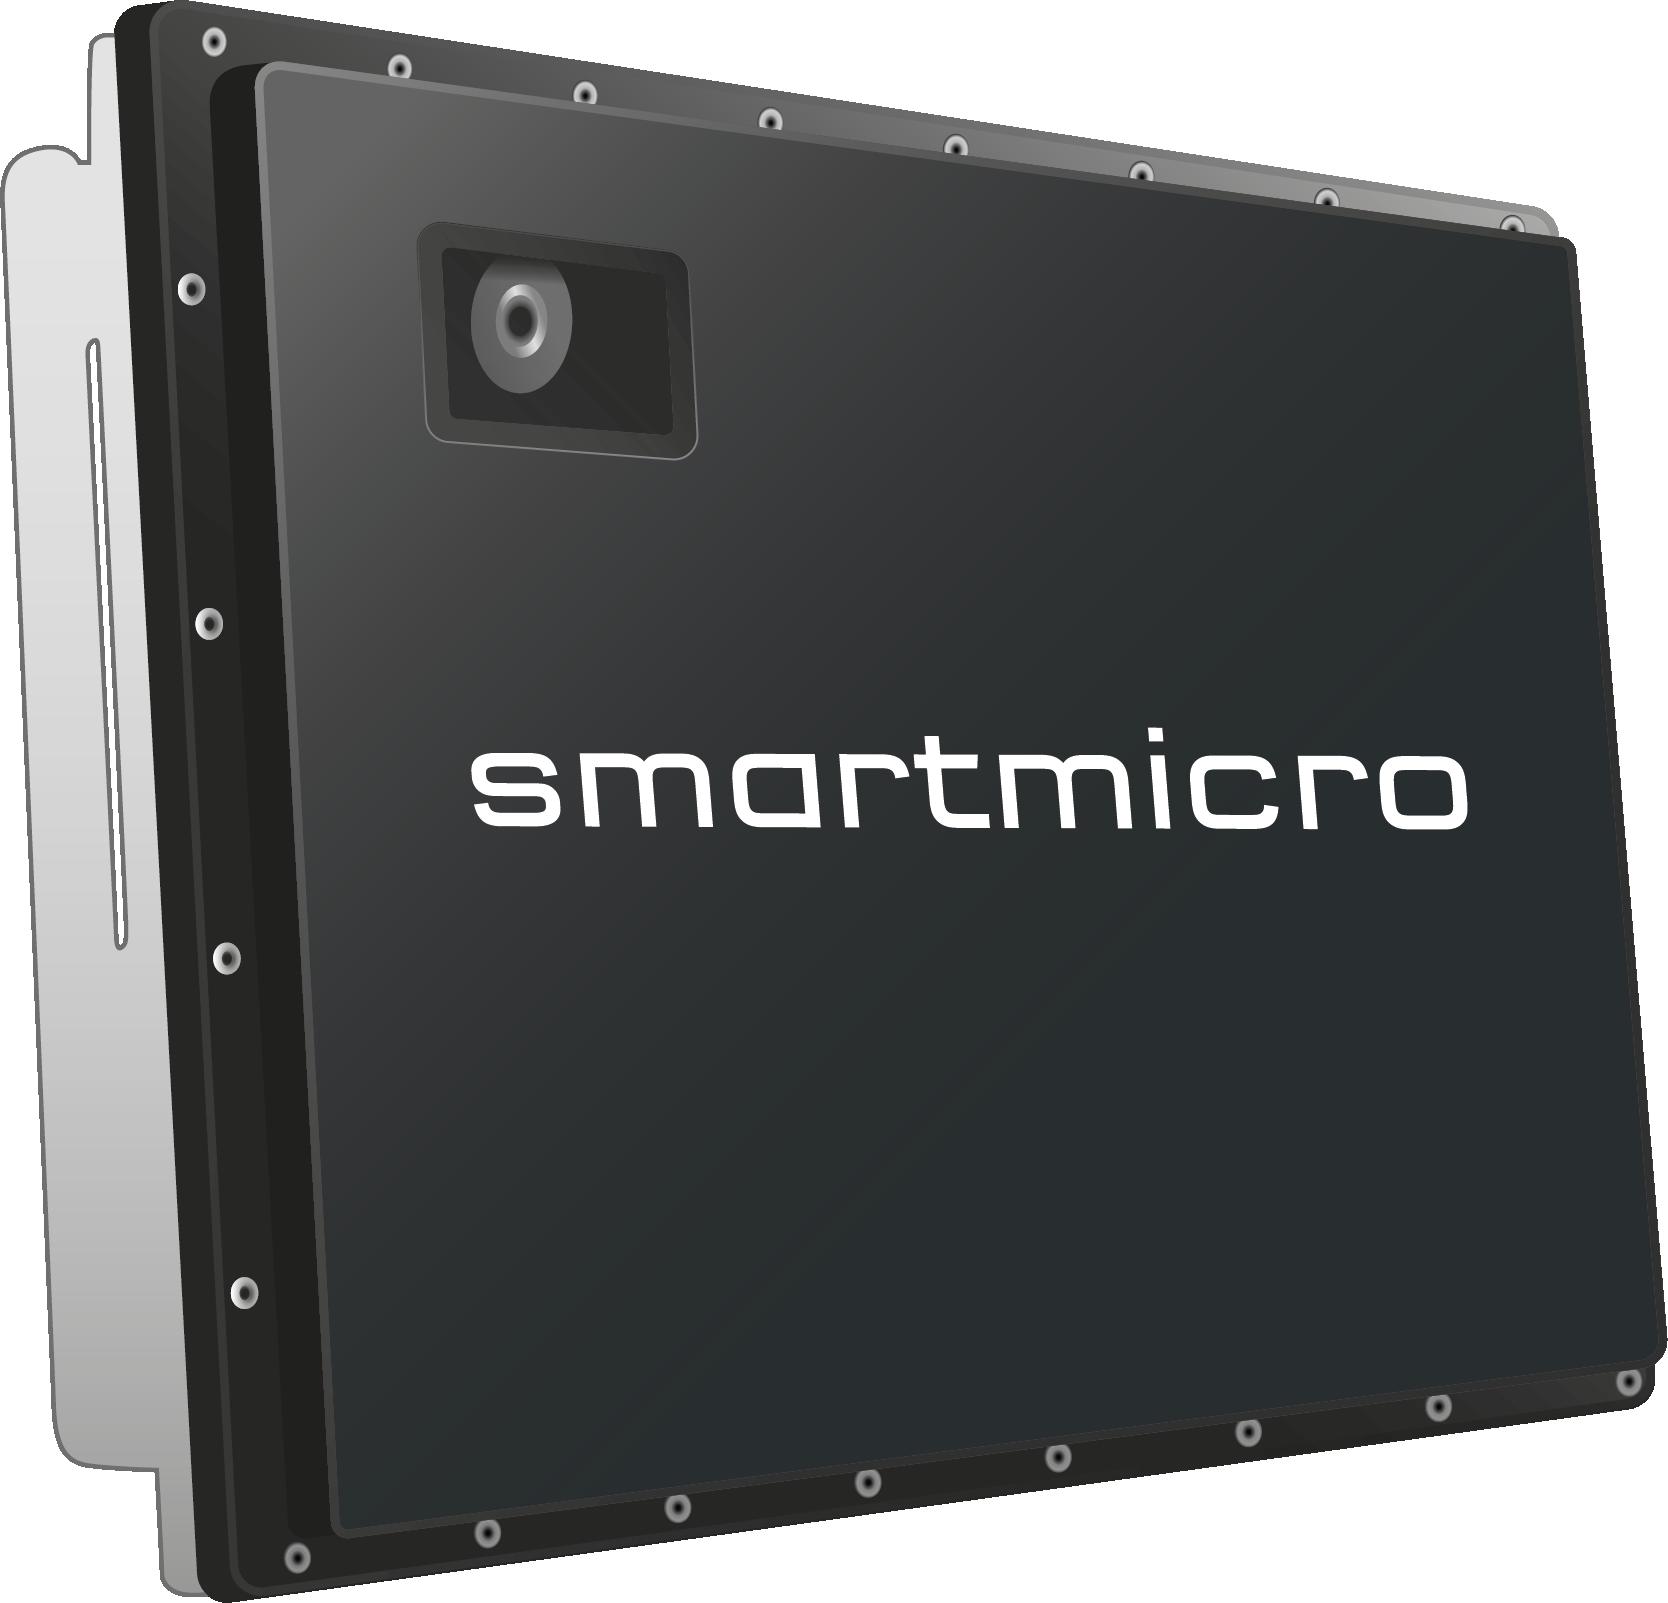 smartmicro TRUGRD stream radar